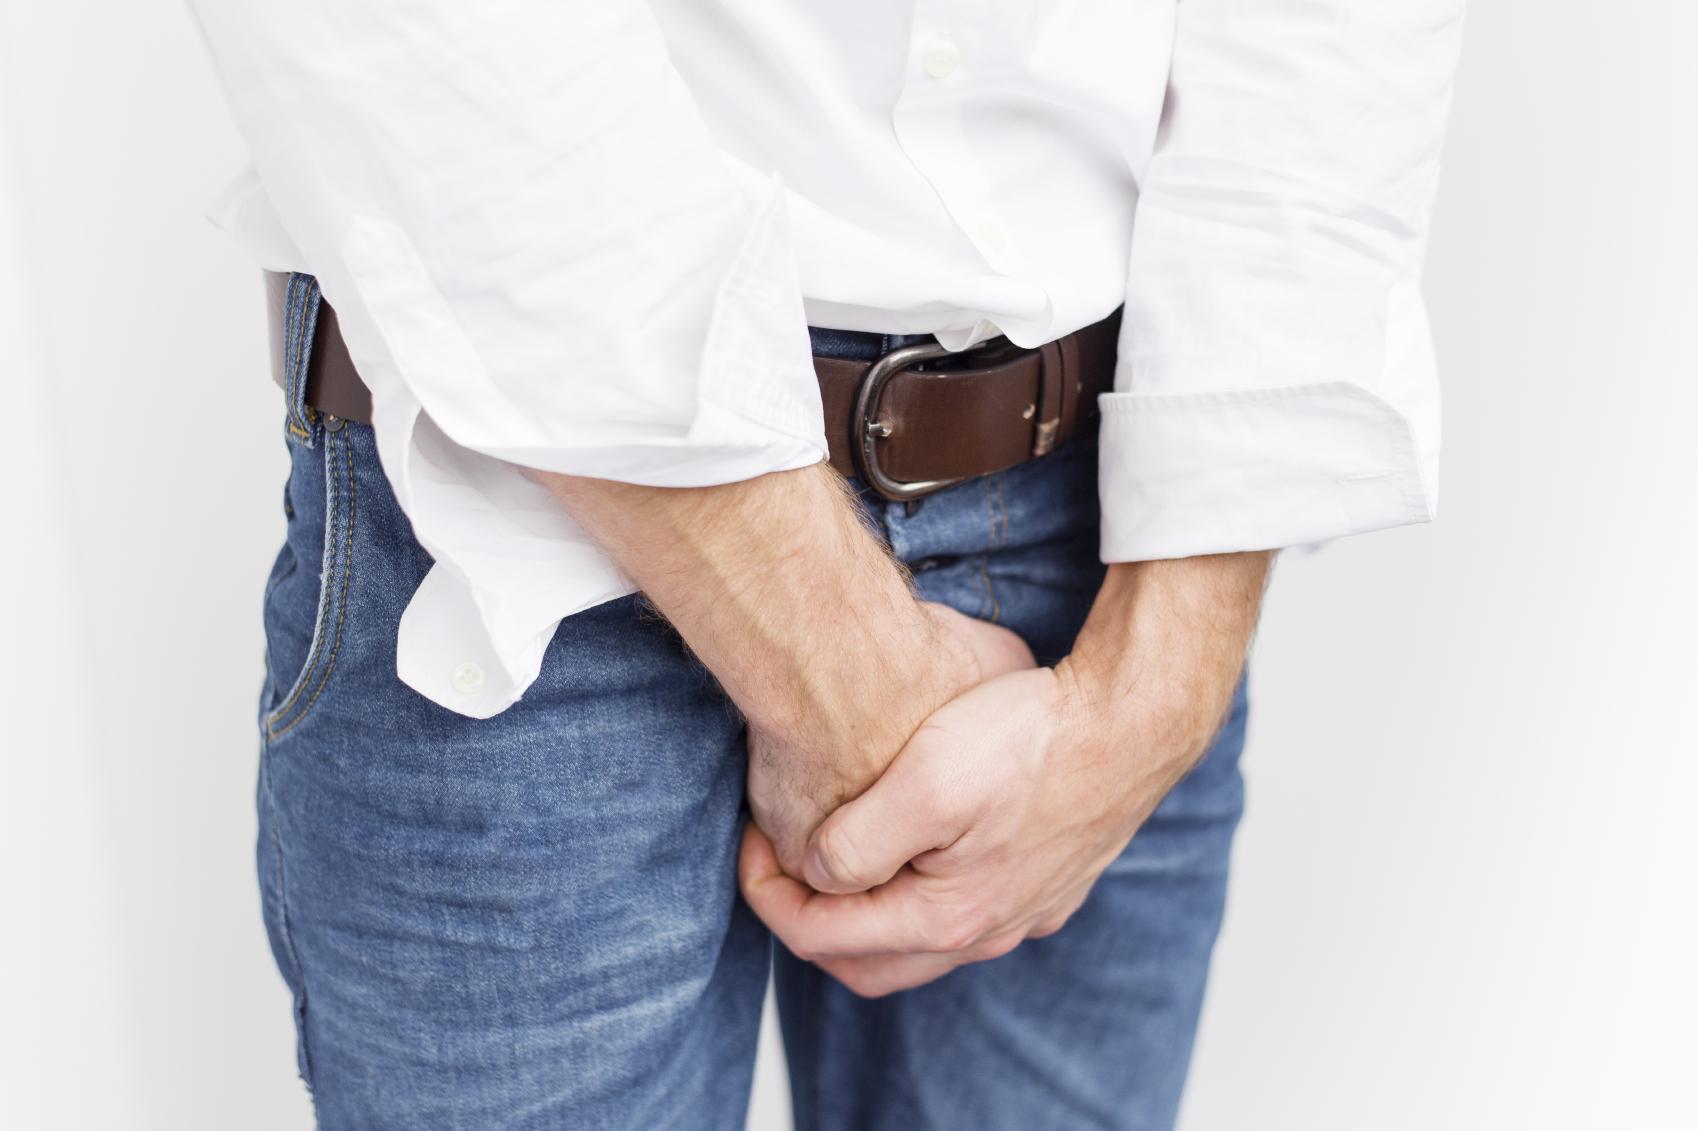 buscando información sobre cirugía de próstata